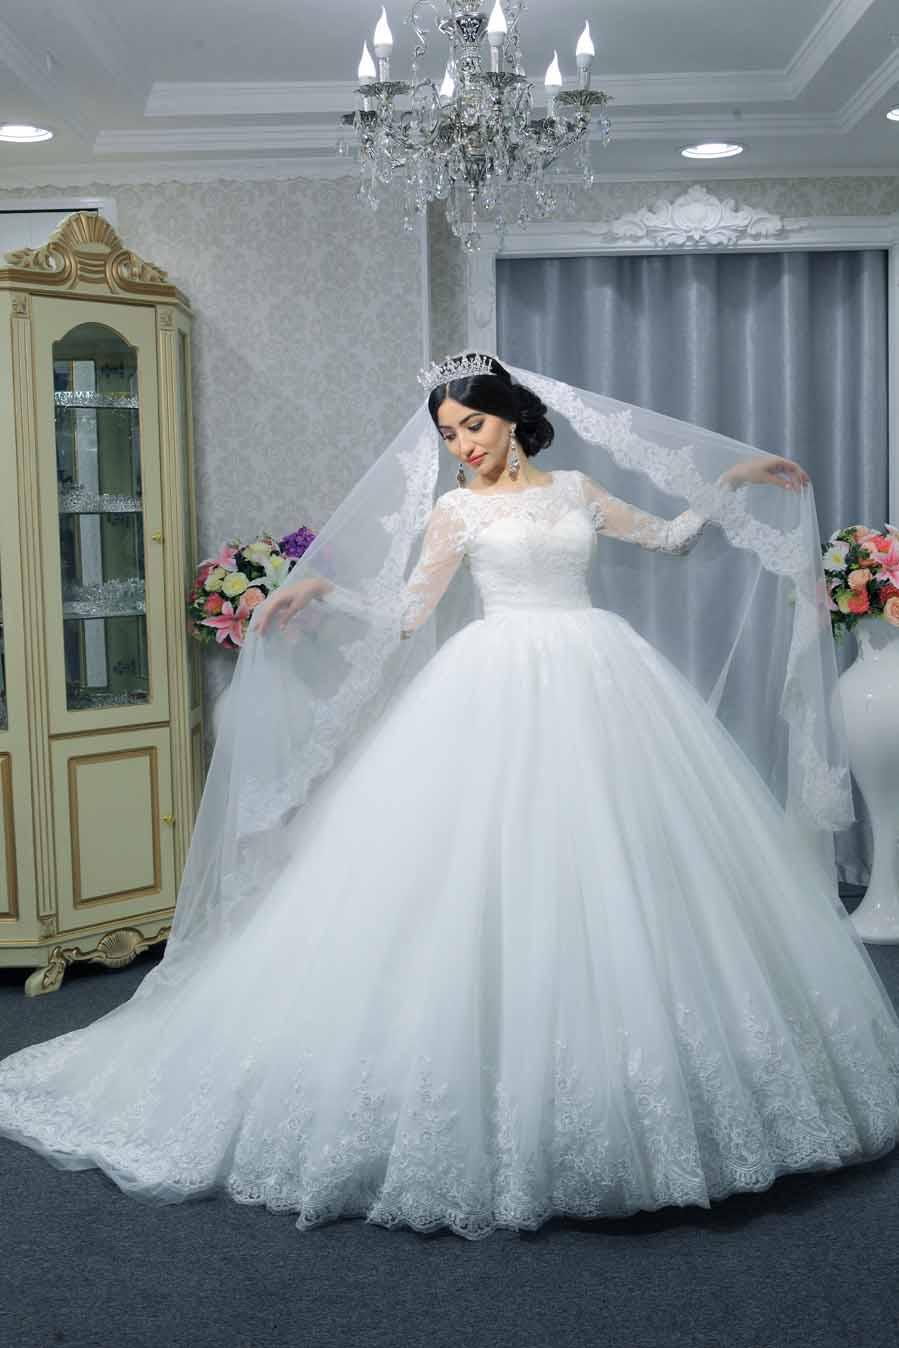 Цены свадебных платьев в ташкенте с фото